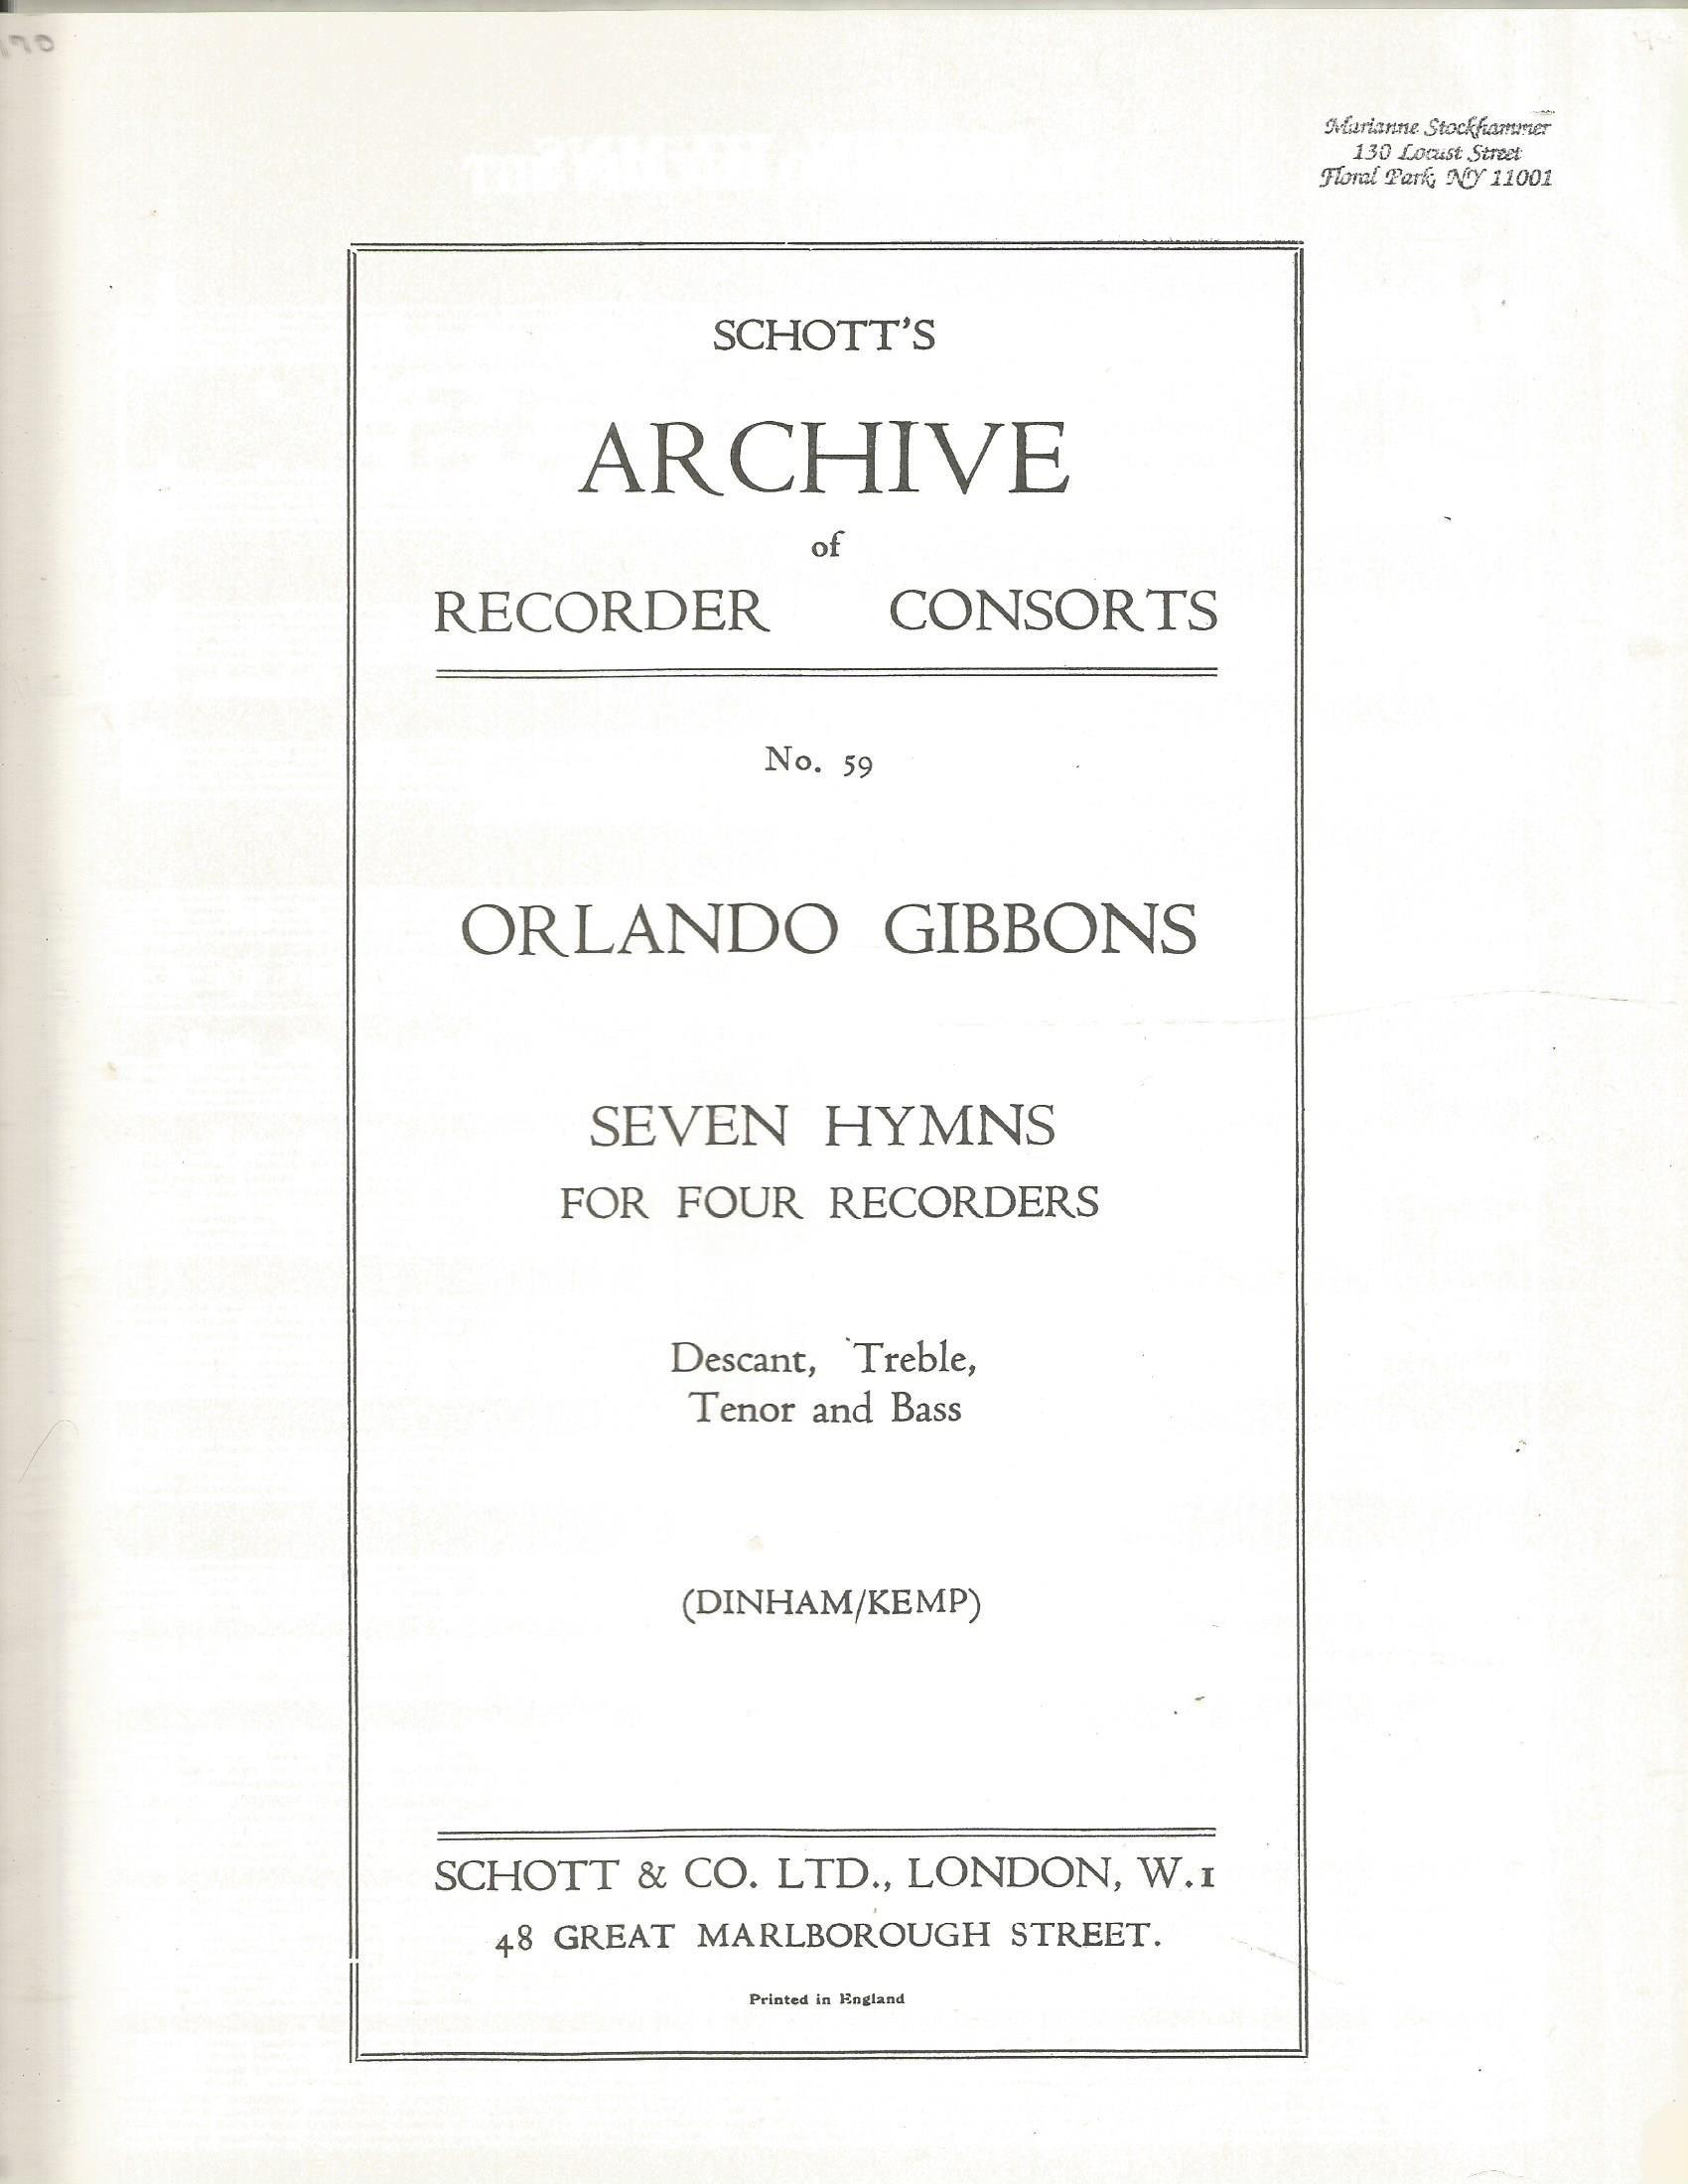 Orlando Gibbons 7 Hymns for 4 Recorders Descant,Treble,Tenor & Bass